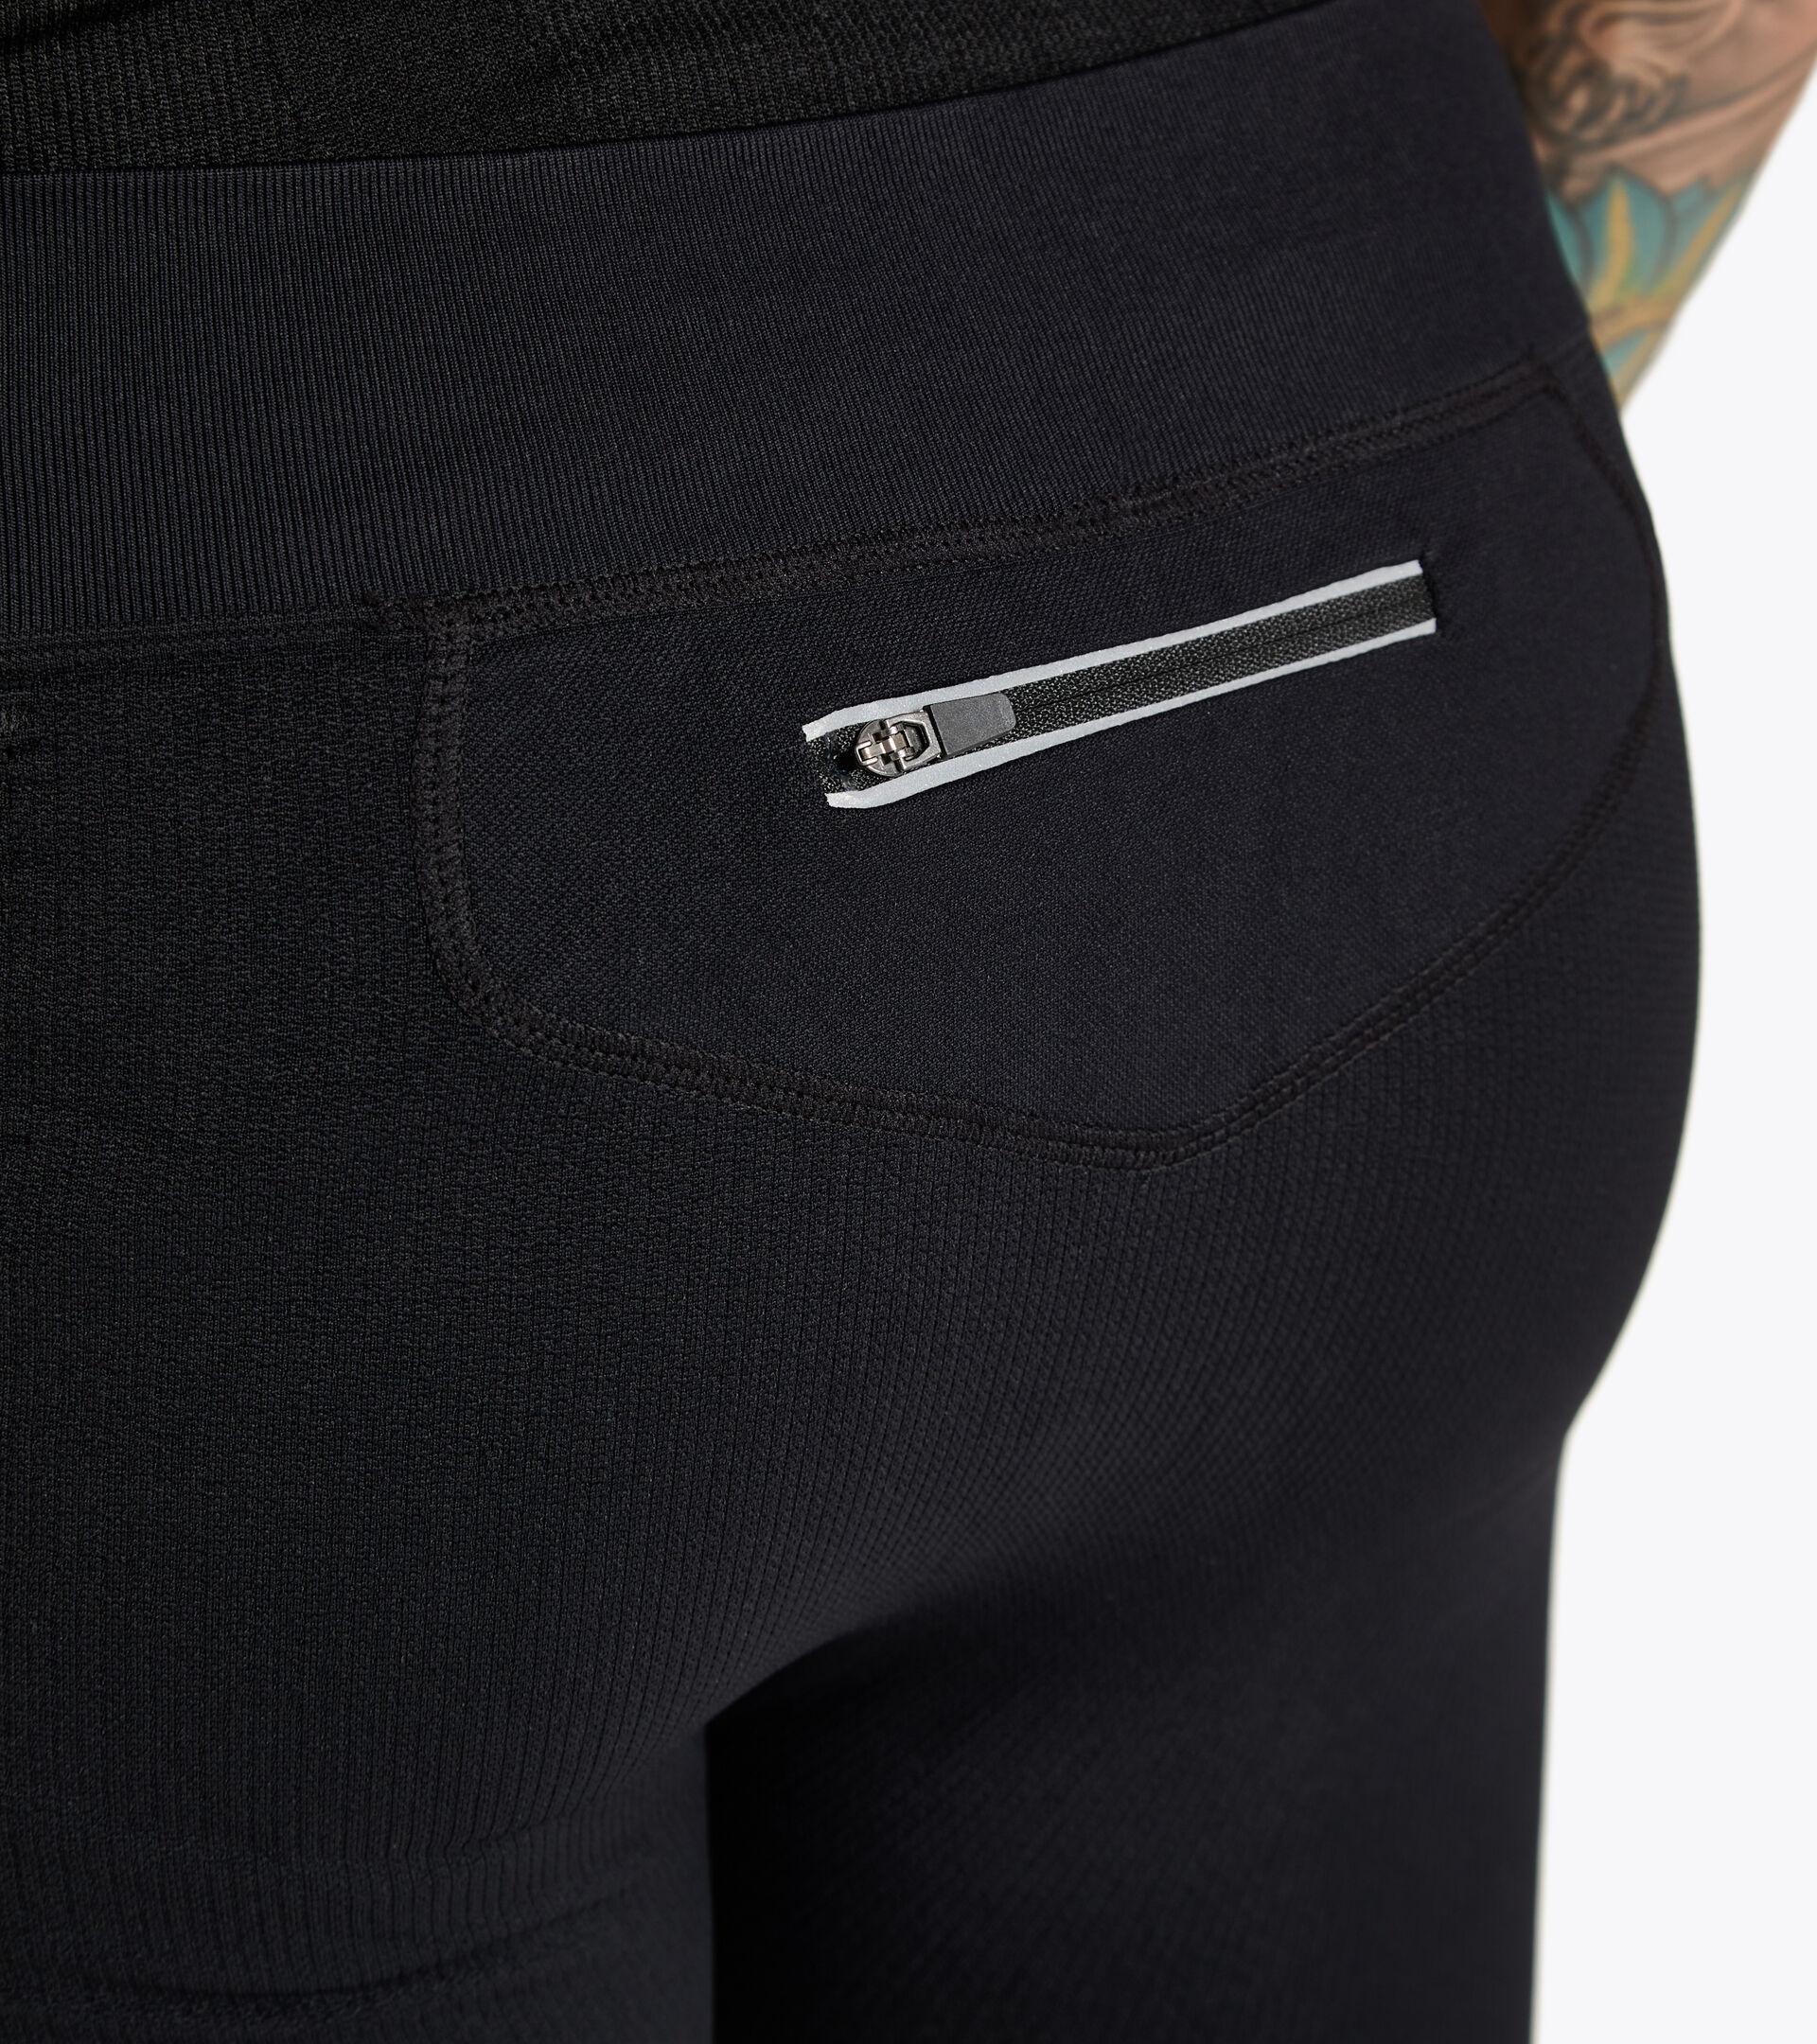 Pantalones para correr Made in Italy - Hombre HIDDEN POWER PANTS NEGRO - Diadora